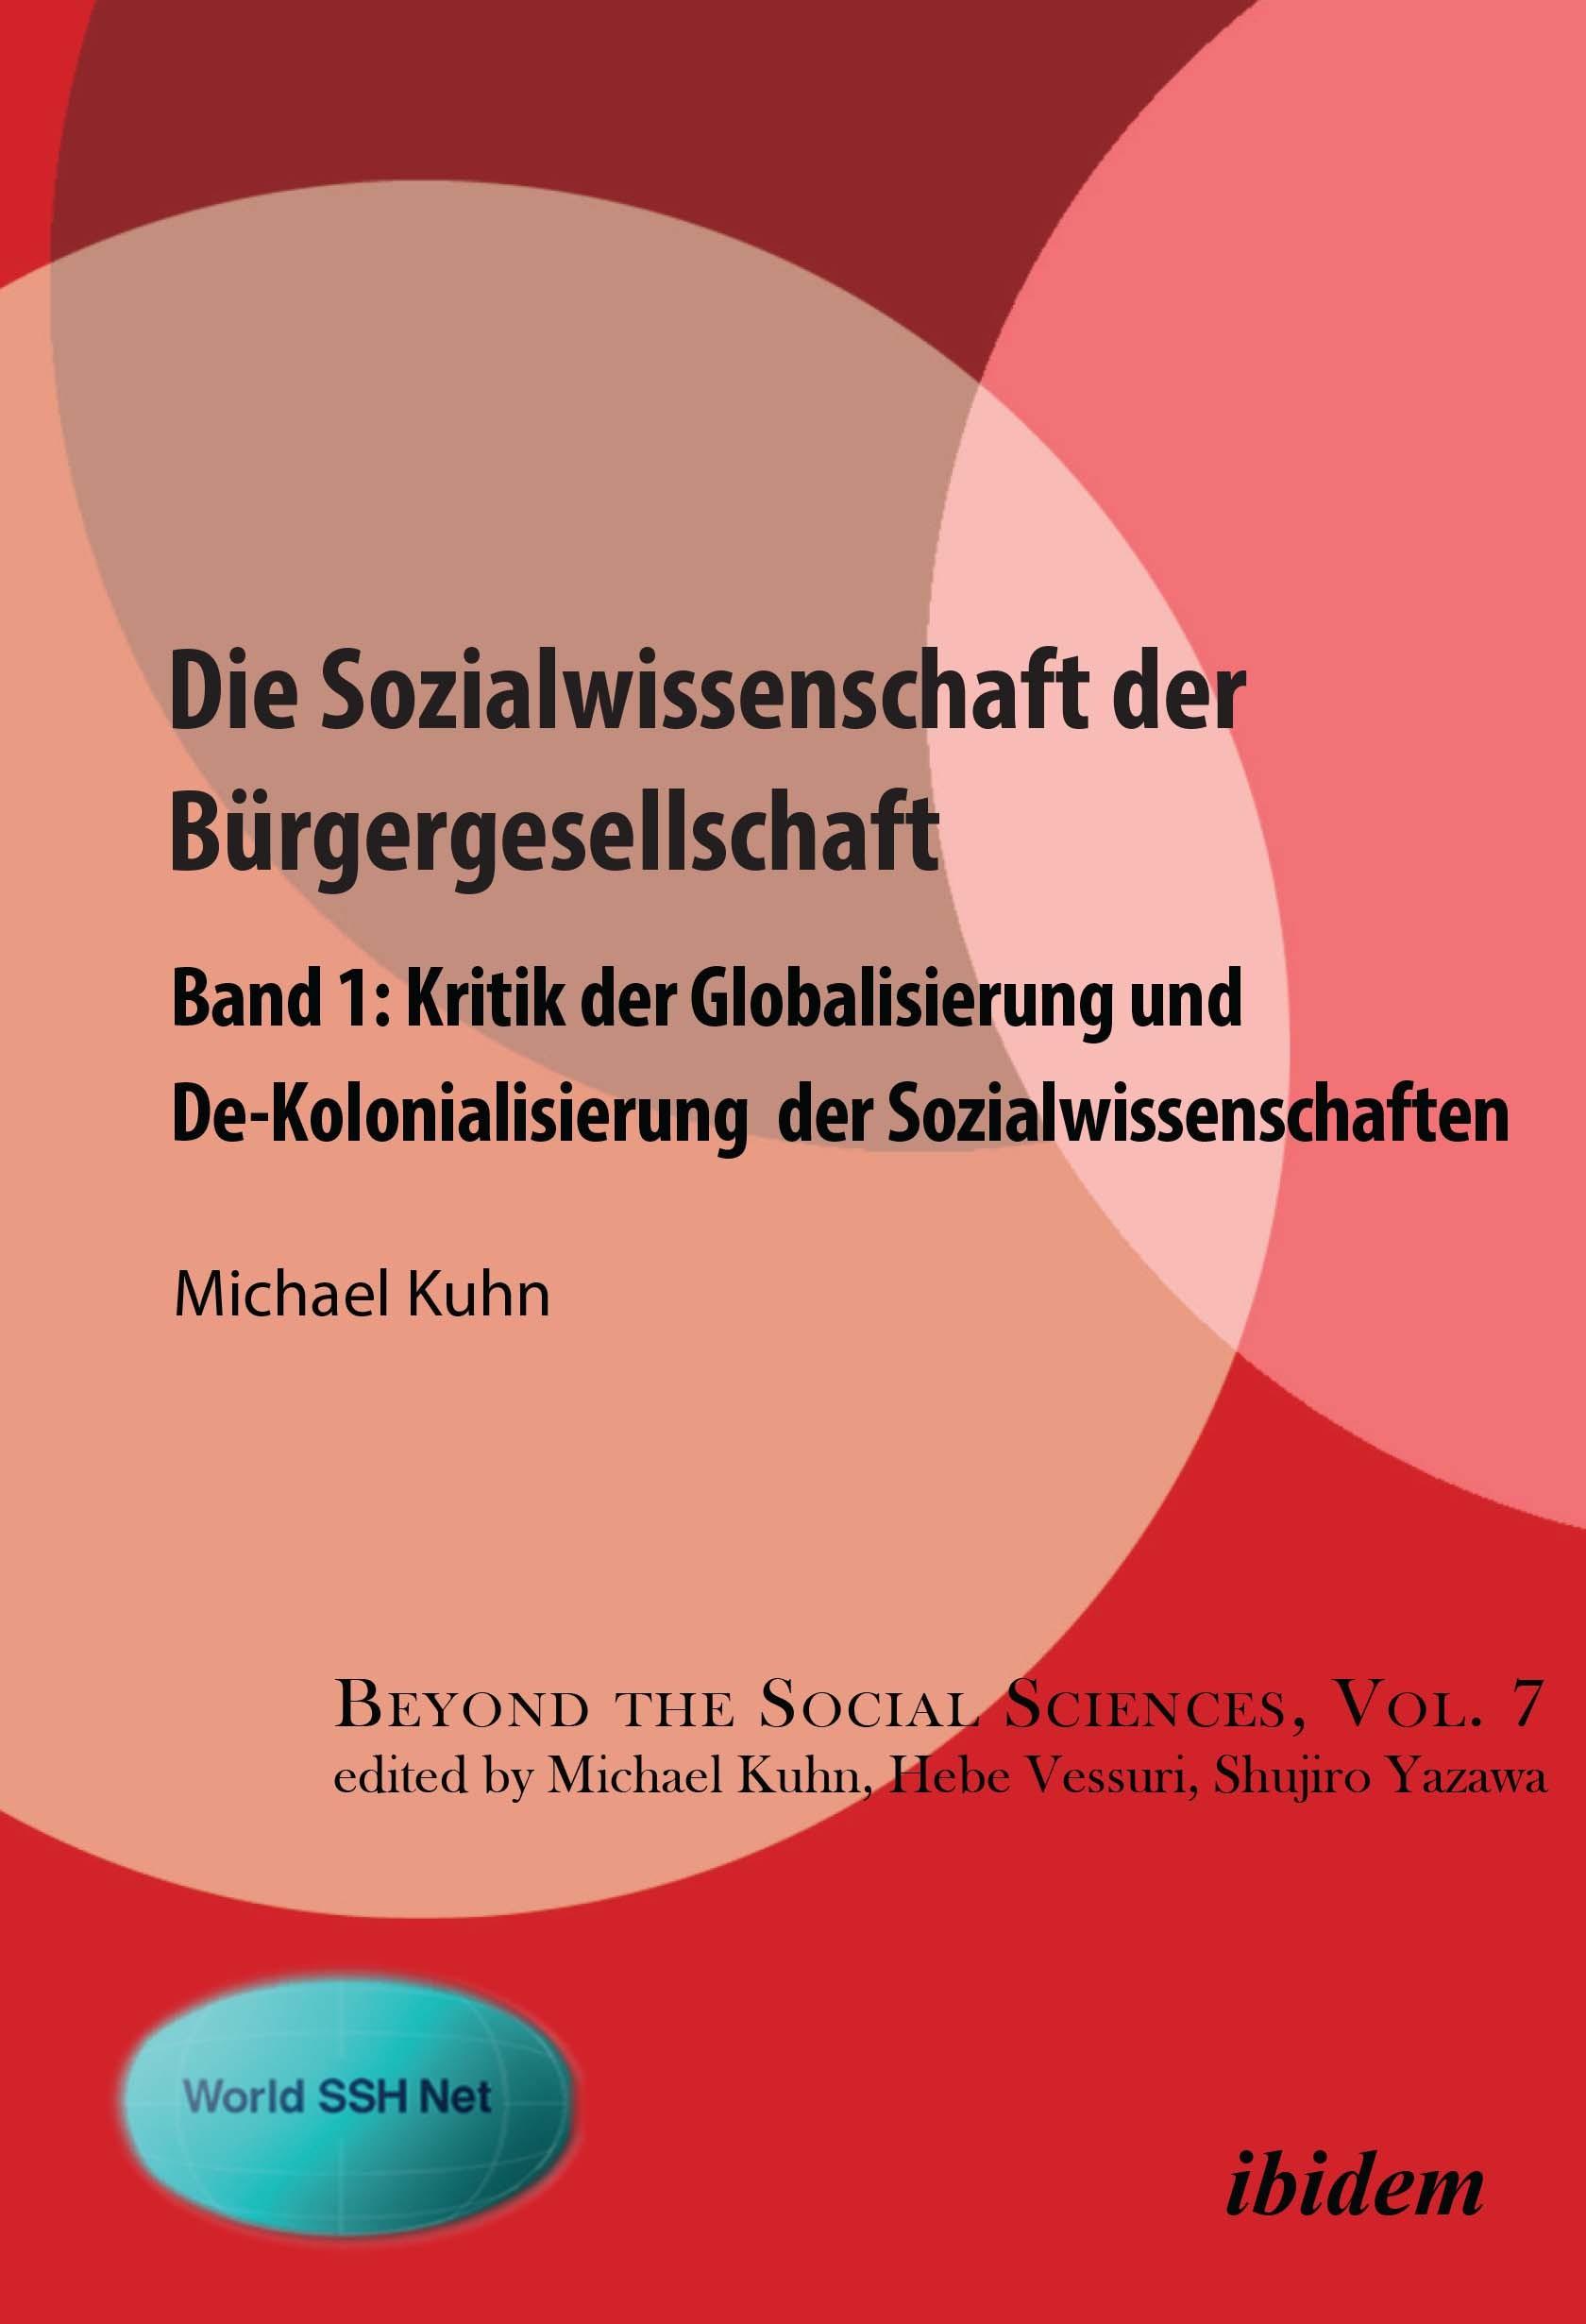 Die Sozialwissenschaft der Bürgergesellschaft